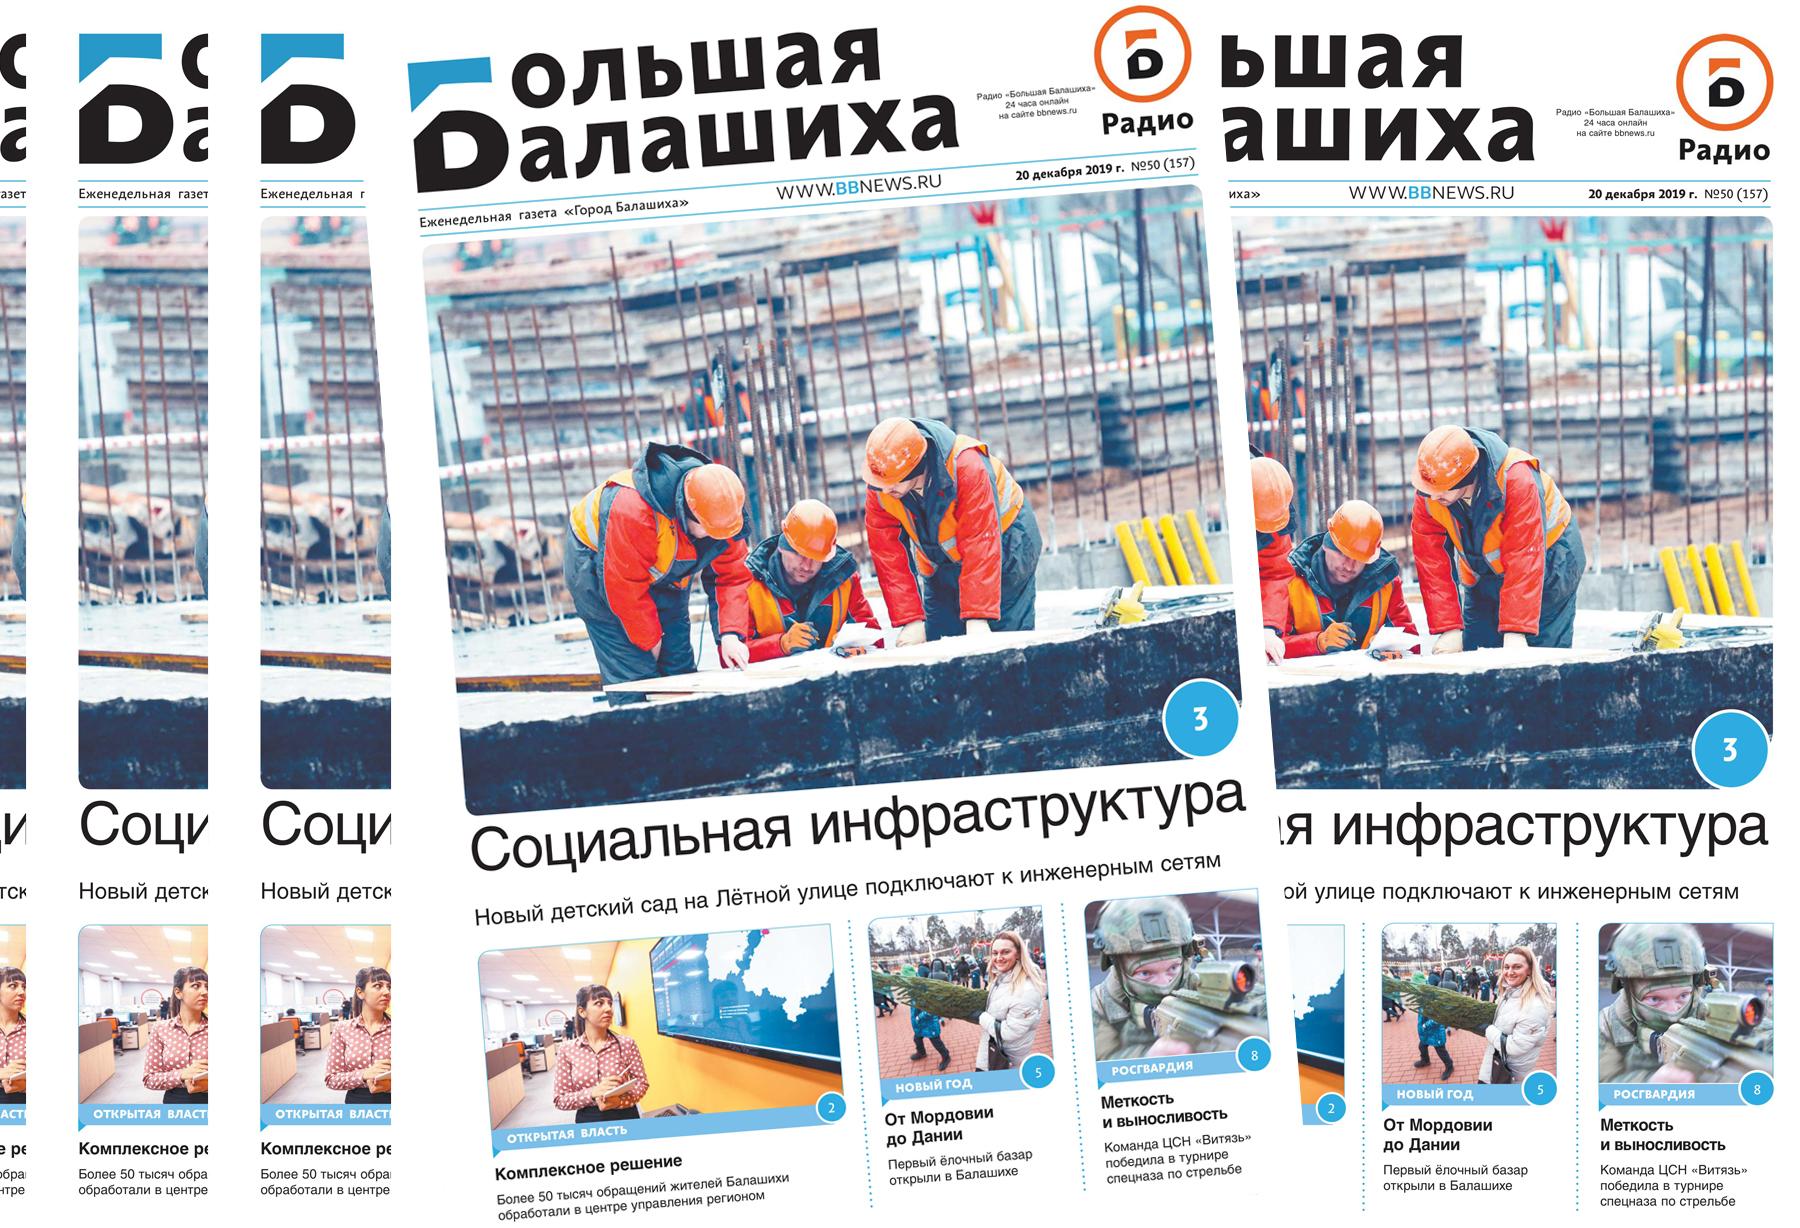 Вышла газета «Город Балашиха» №50 (157)